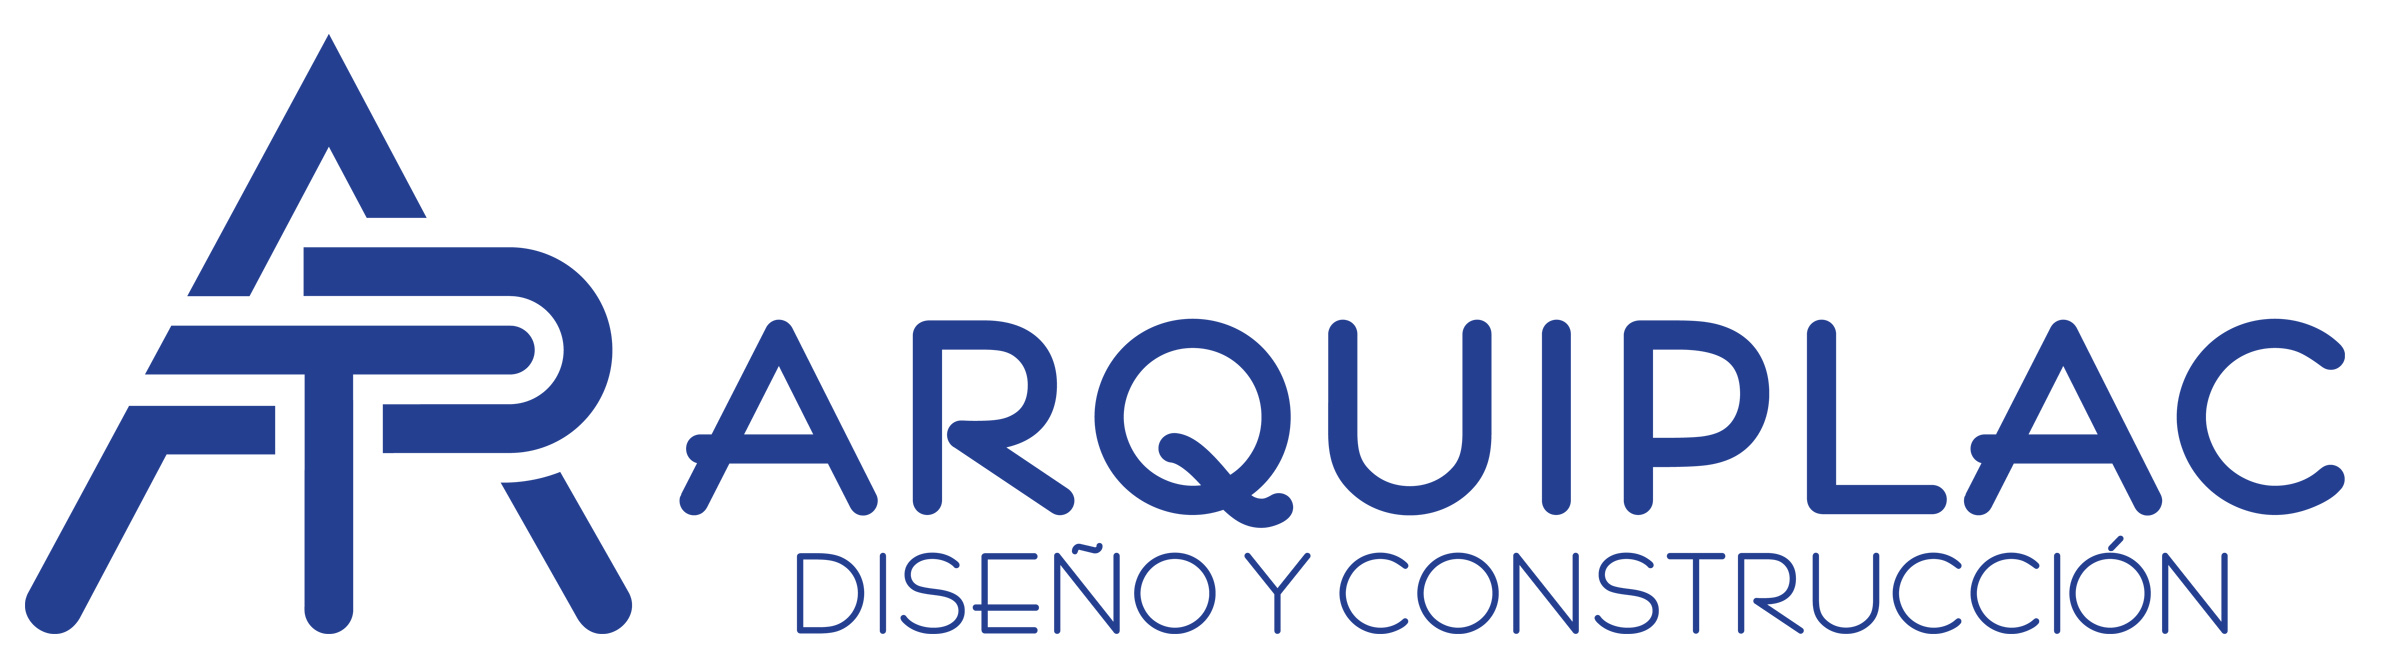 Colconstruccion empresas de construccion en colombia - Empresas de construccion valencia ...